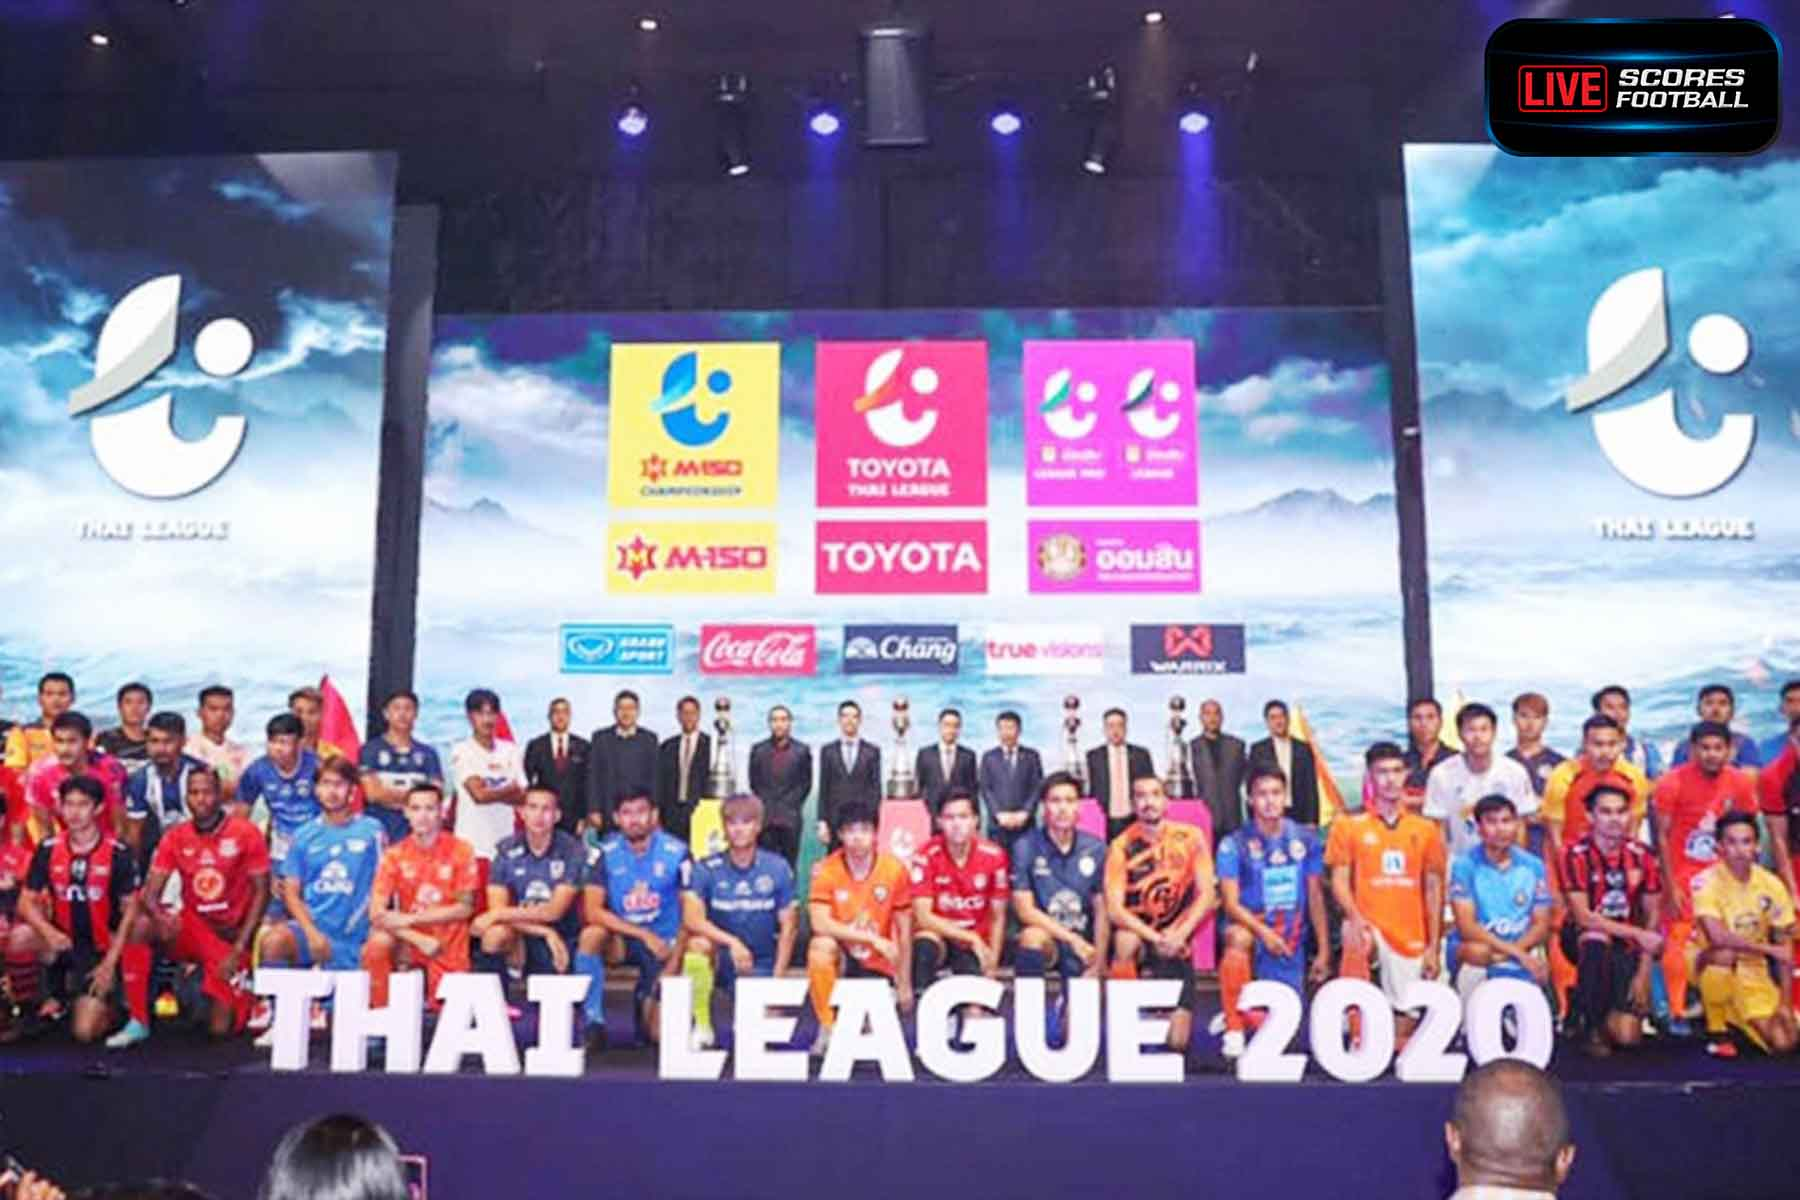 สมาคมกีฬาฟุตบอลแห่งประเทศไทยฯ และบริษัทไทยลีกจำกัด อยากให้กลับมาแข่ง ก.ย. จนถึง พ.ค.2021- livescores